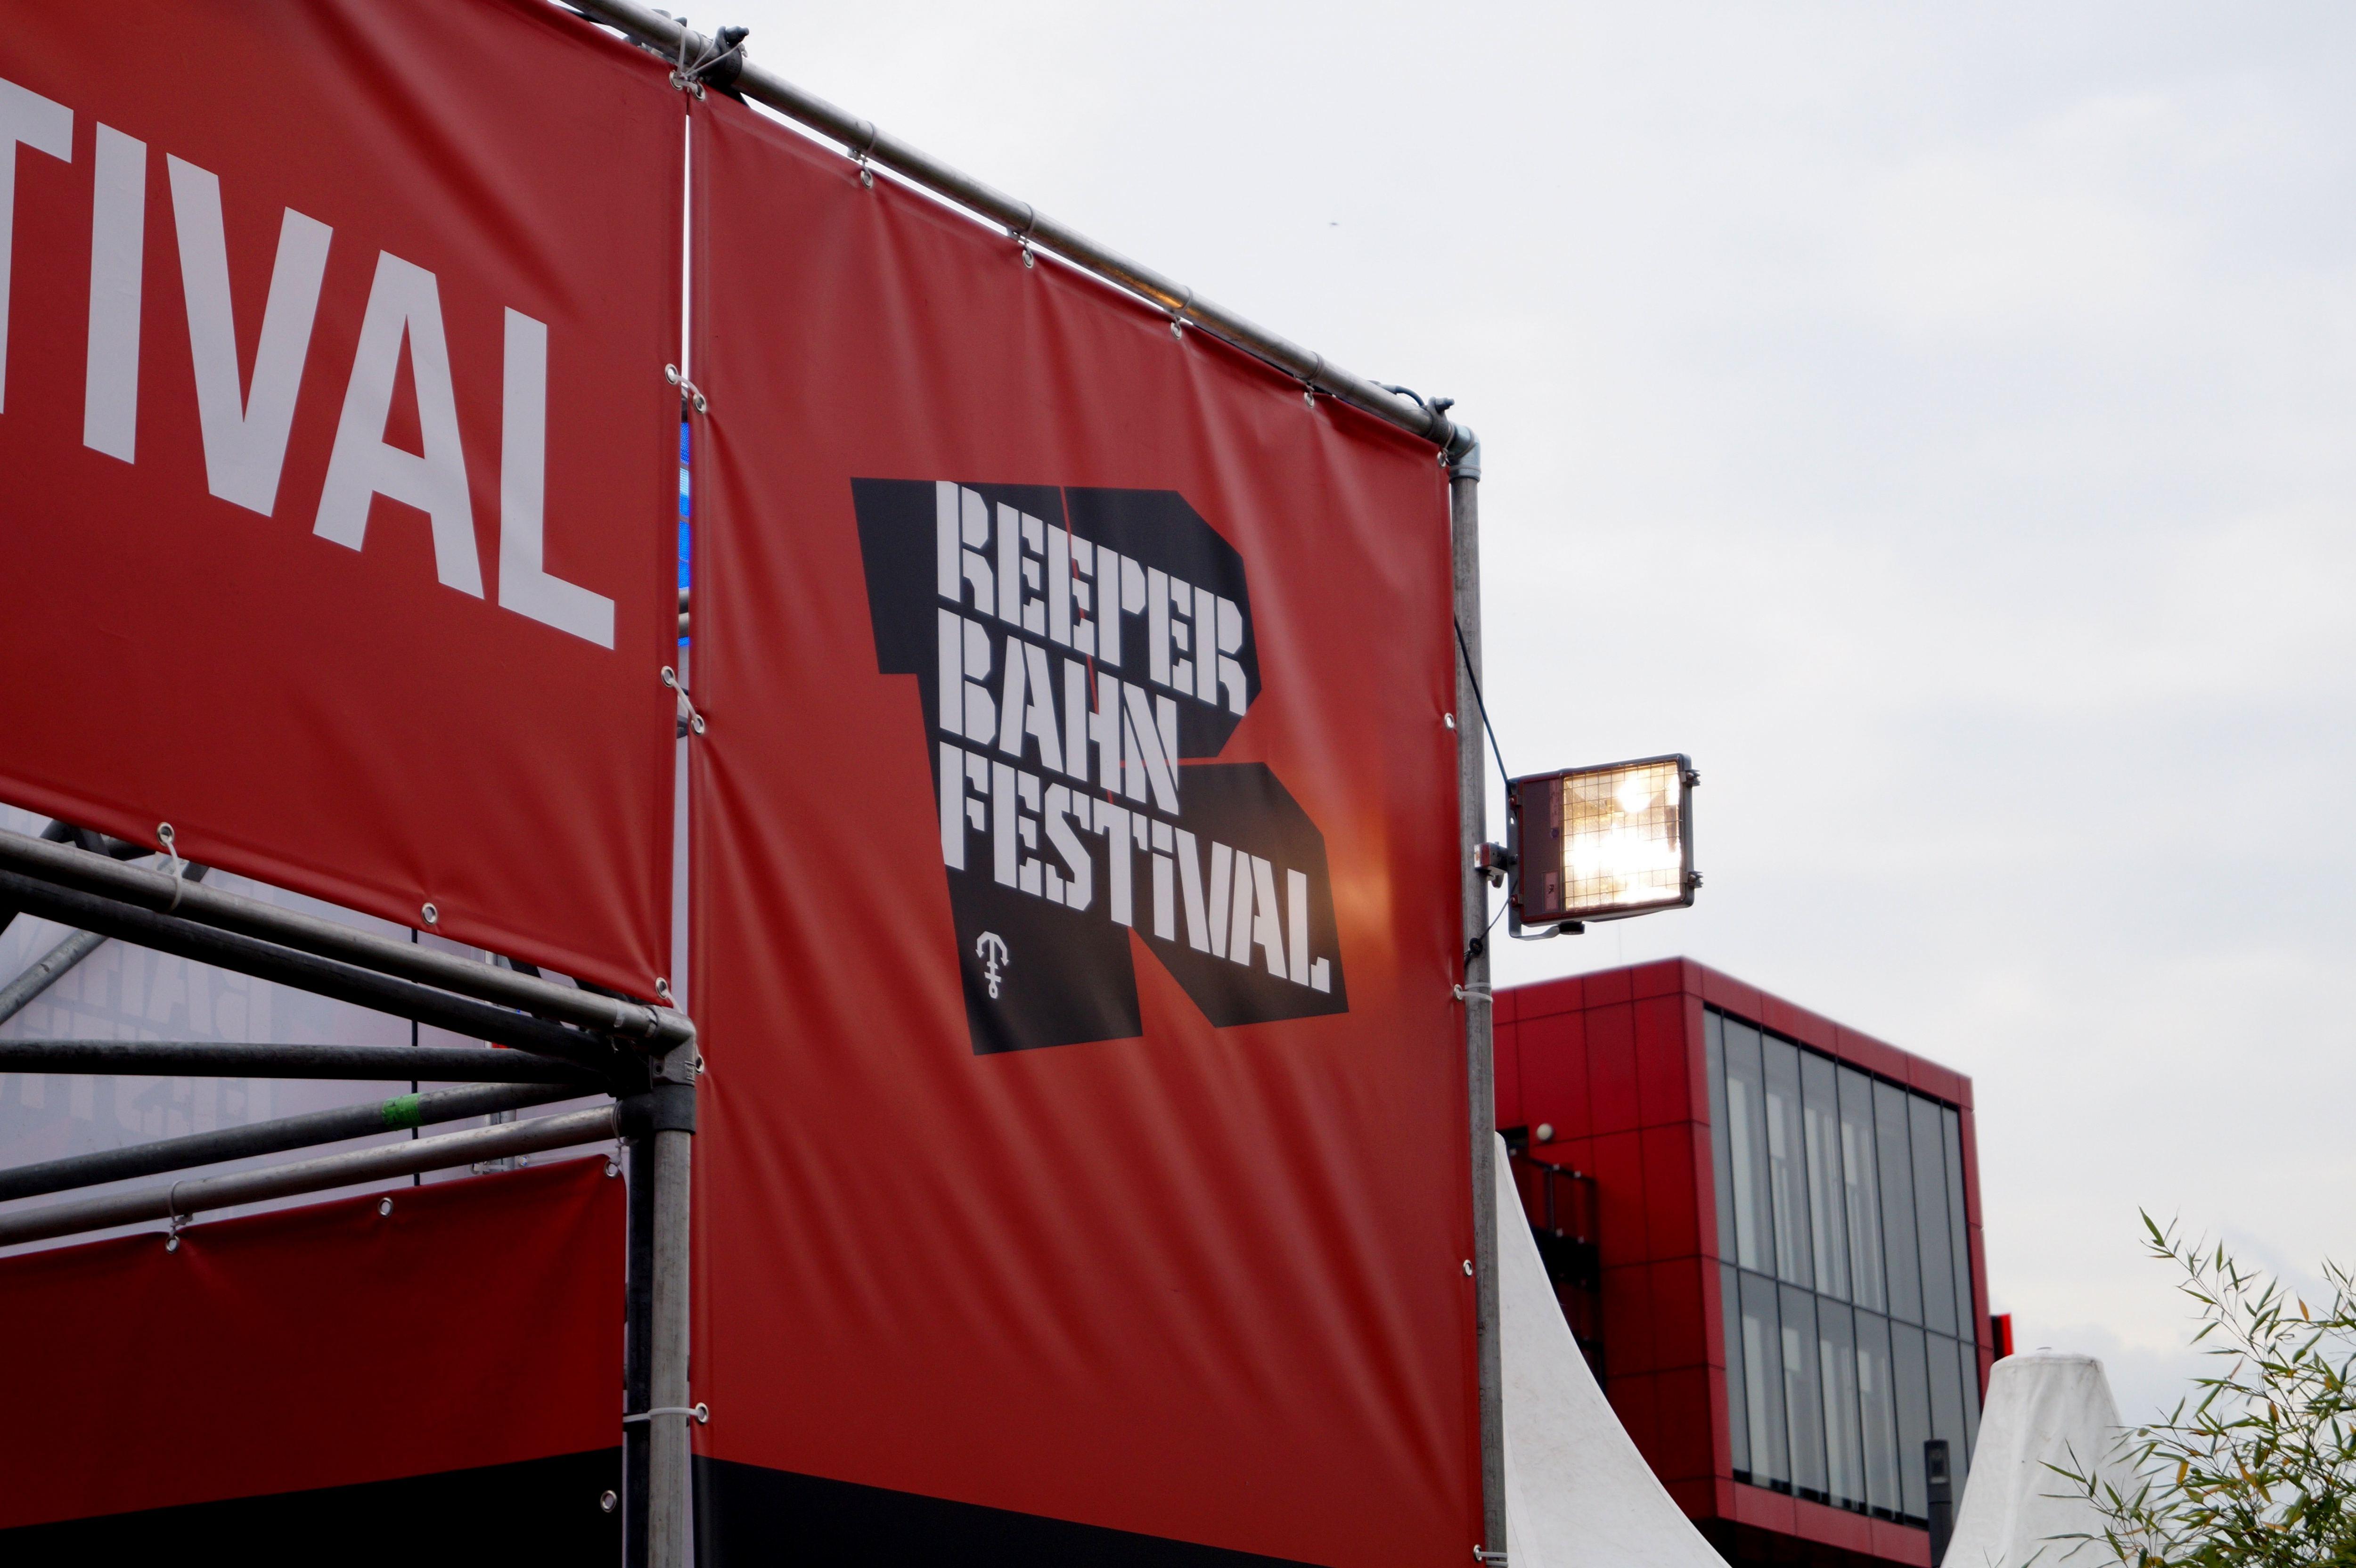 40.000 Besucher beim Reeperbahnfestival